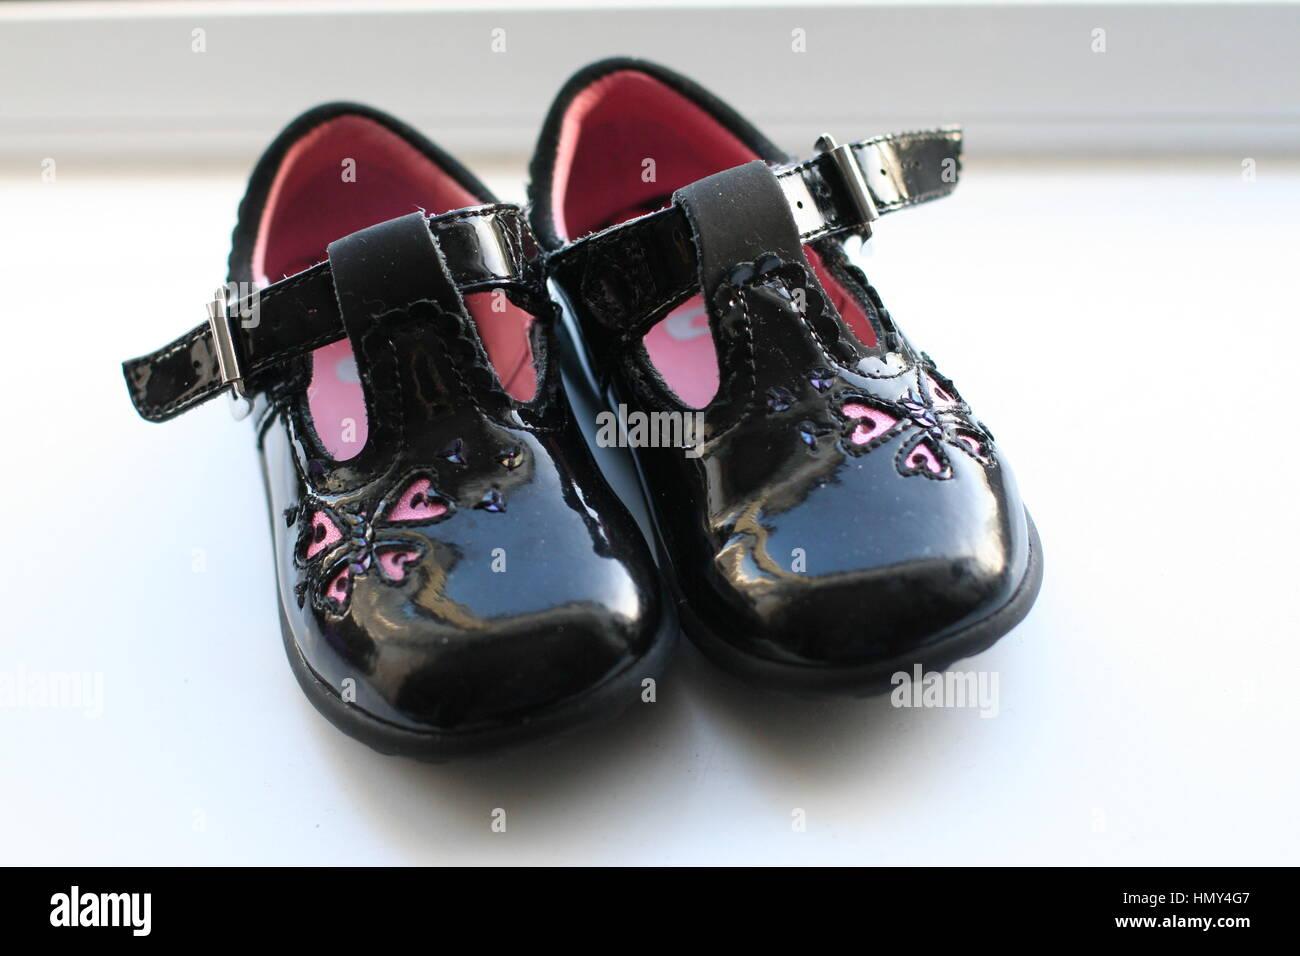 best sneakers 3914d bc75a Paar schwarz lack Schuhe, Schuhe Baby's, clarks Schuhe ...